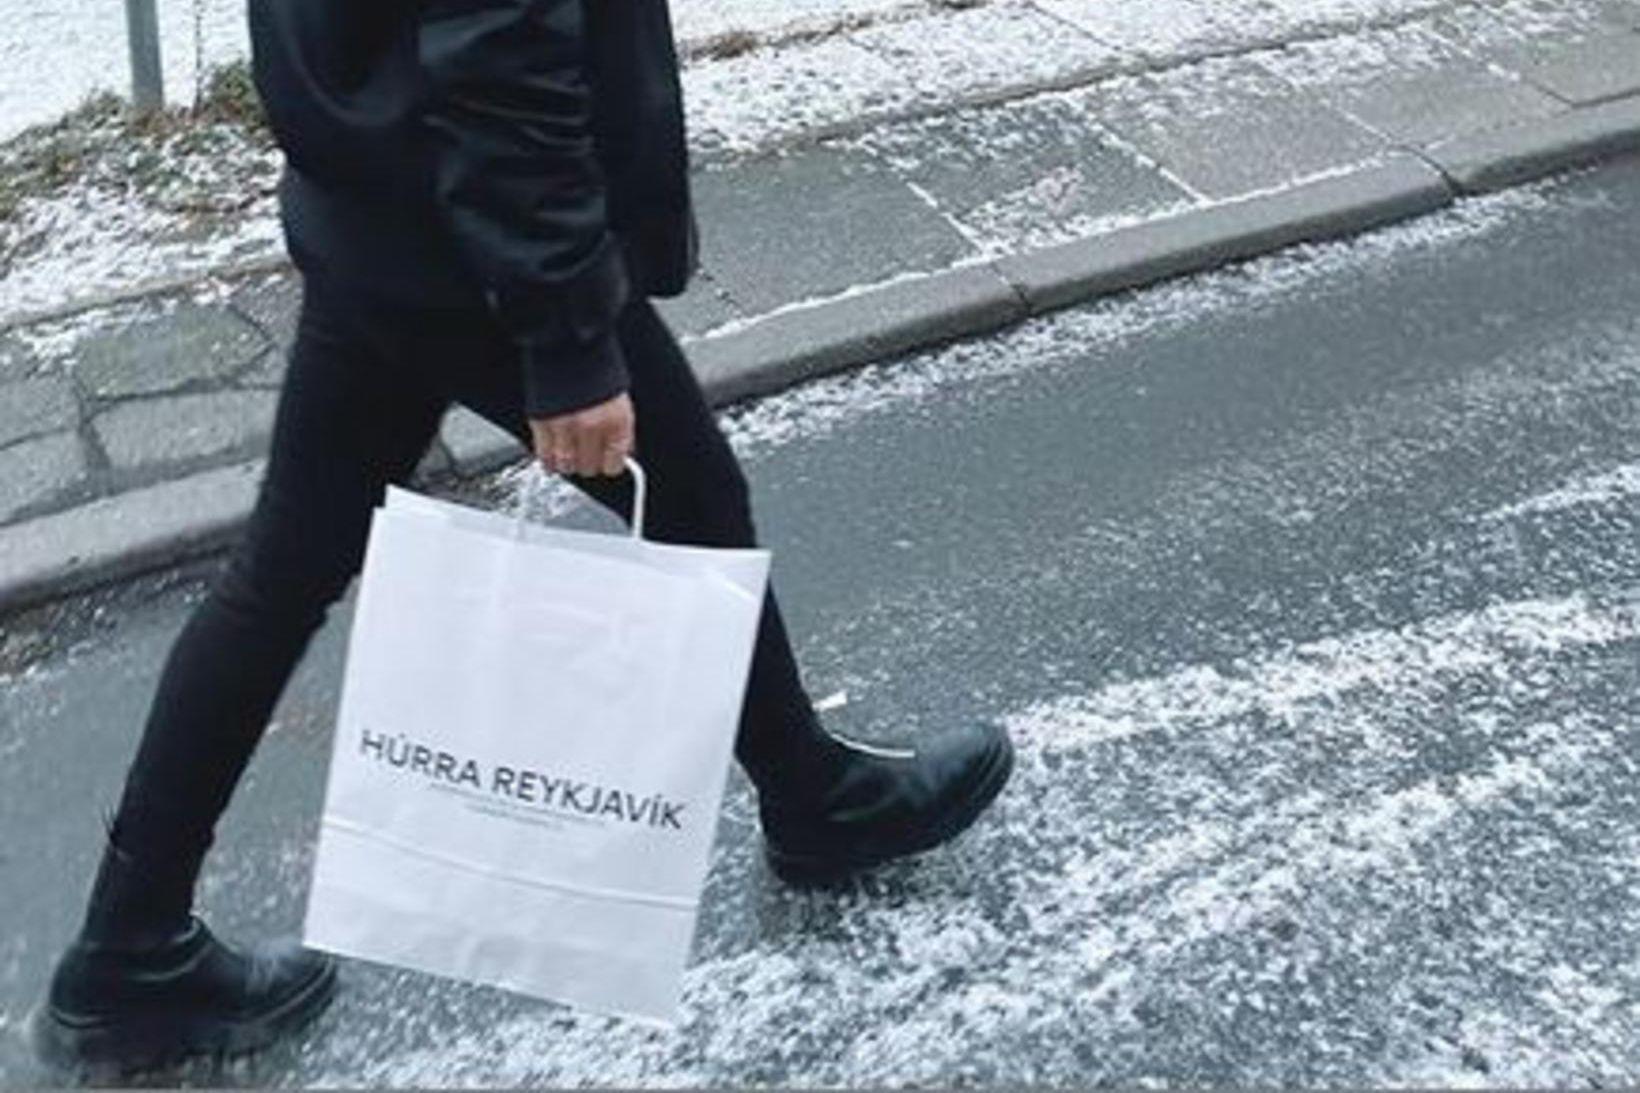 Húrra Reykjavík var eitt sjö fyrirtækja sem Kristín Péturs auglýsti …